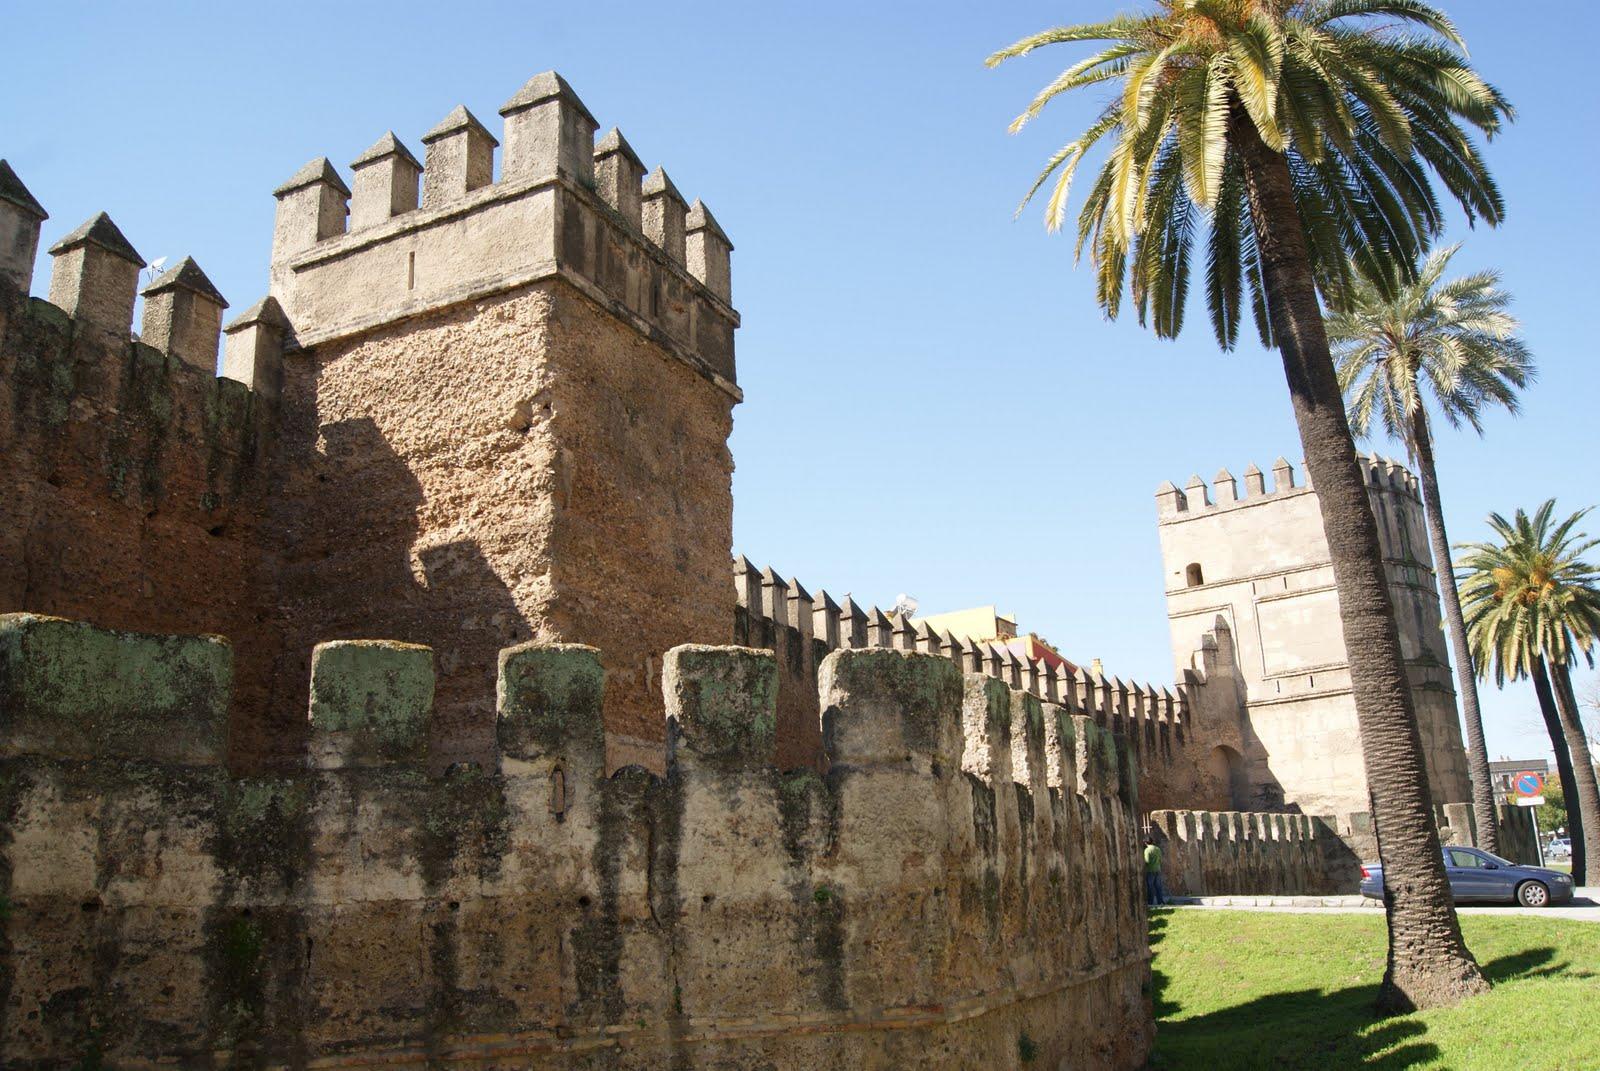 Adjudicadas las obras de restauración de la Muralla de la Macarena